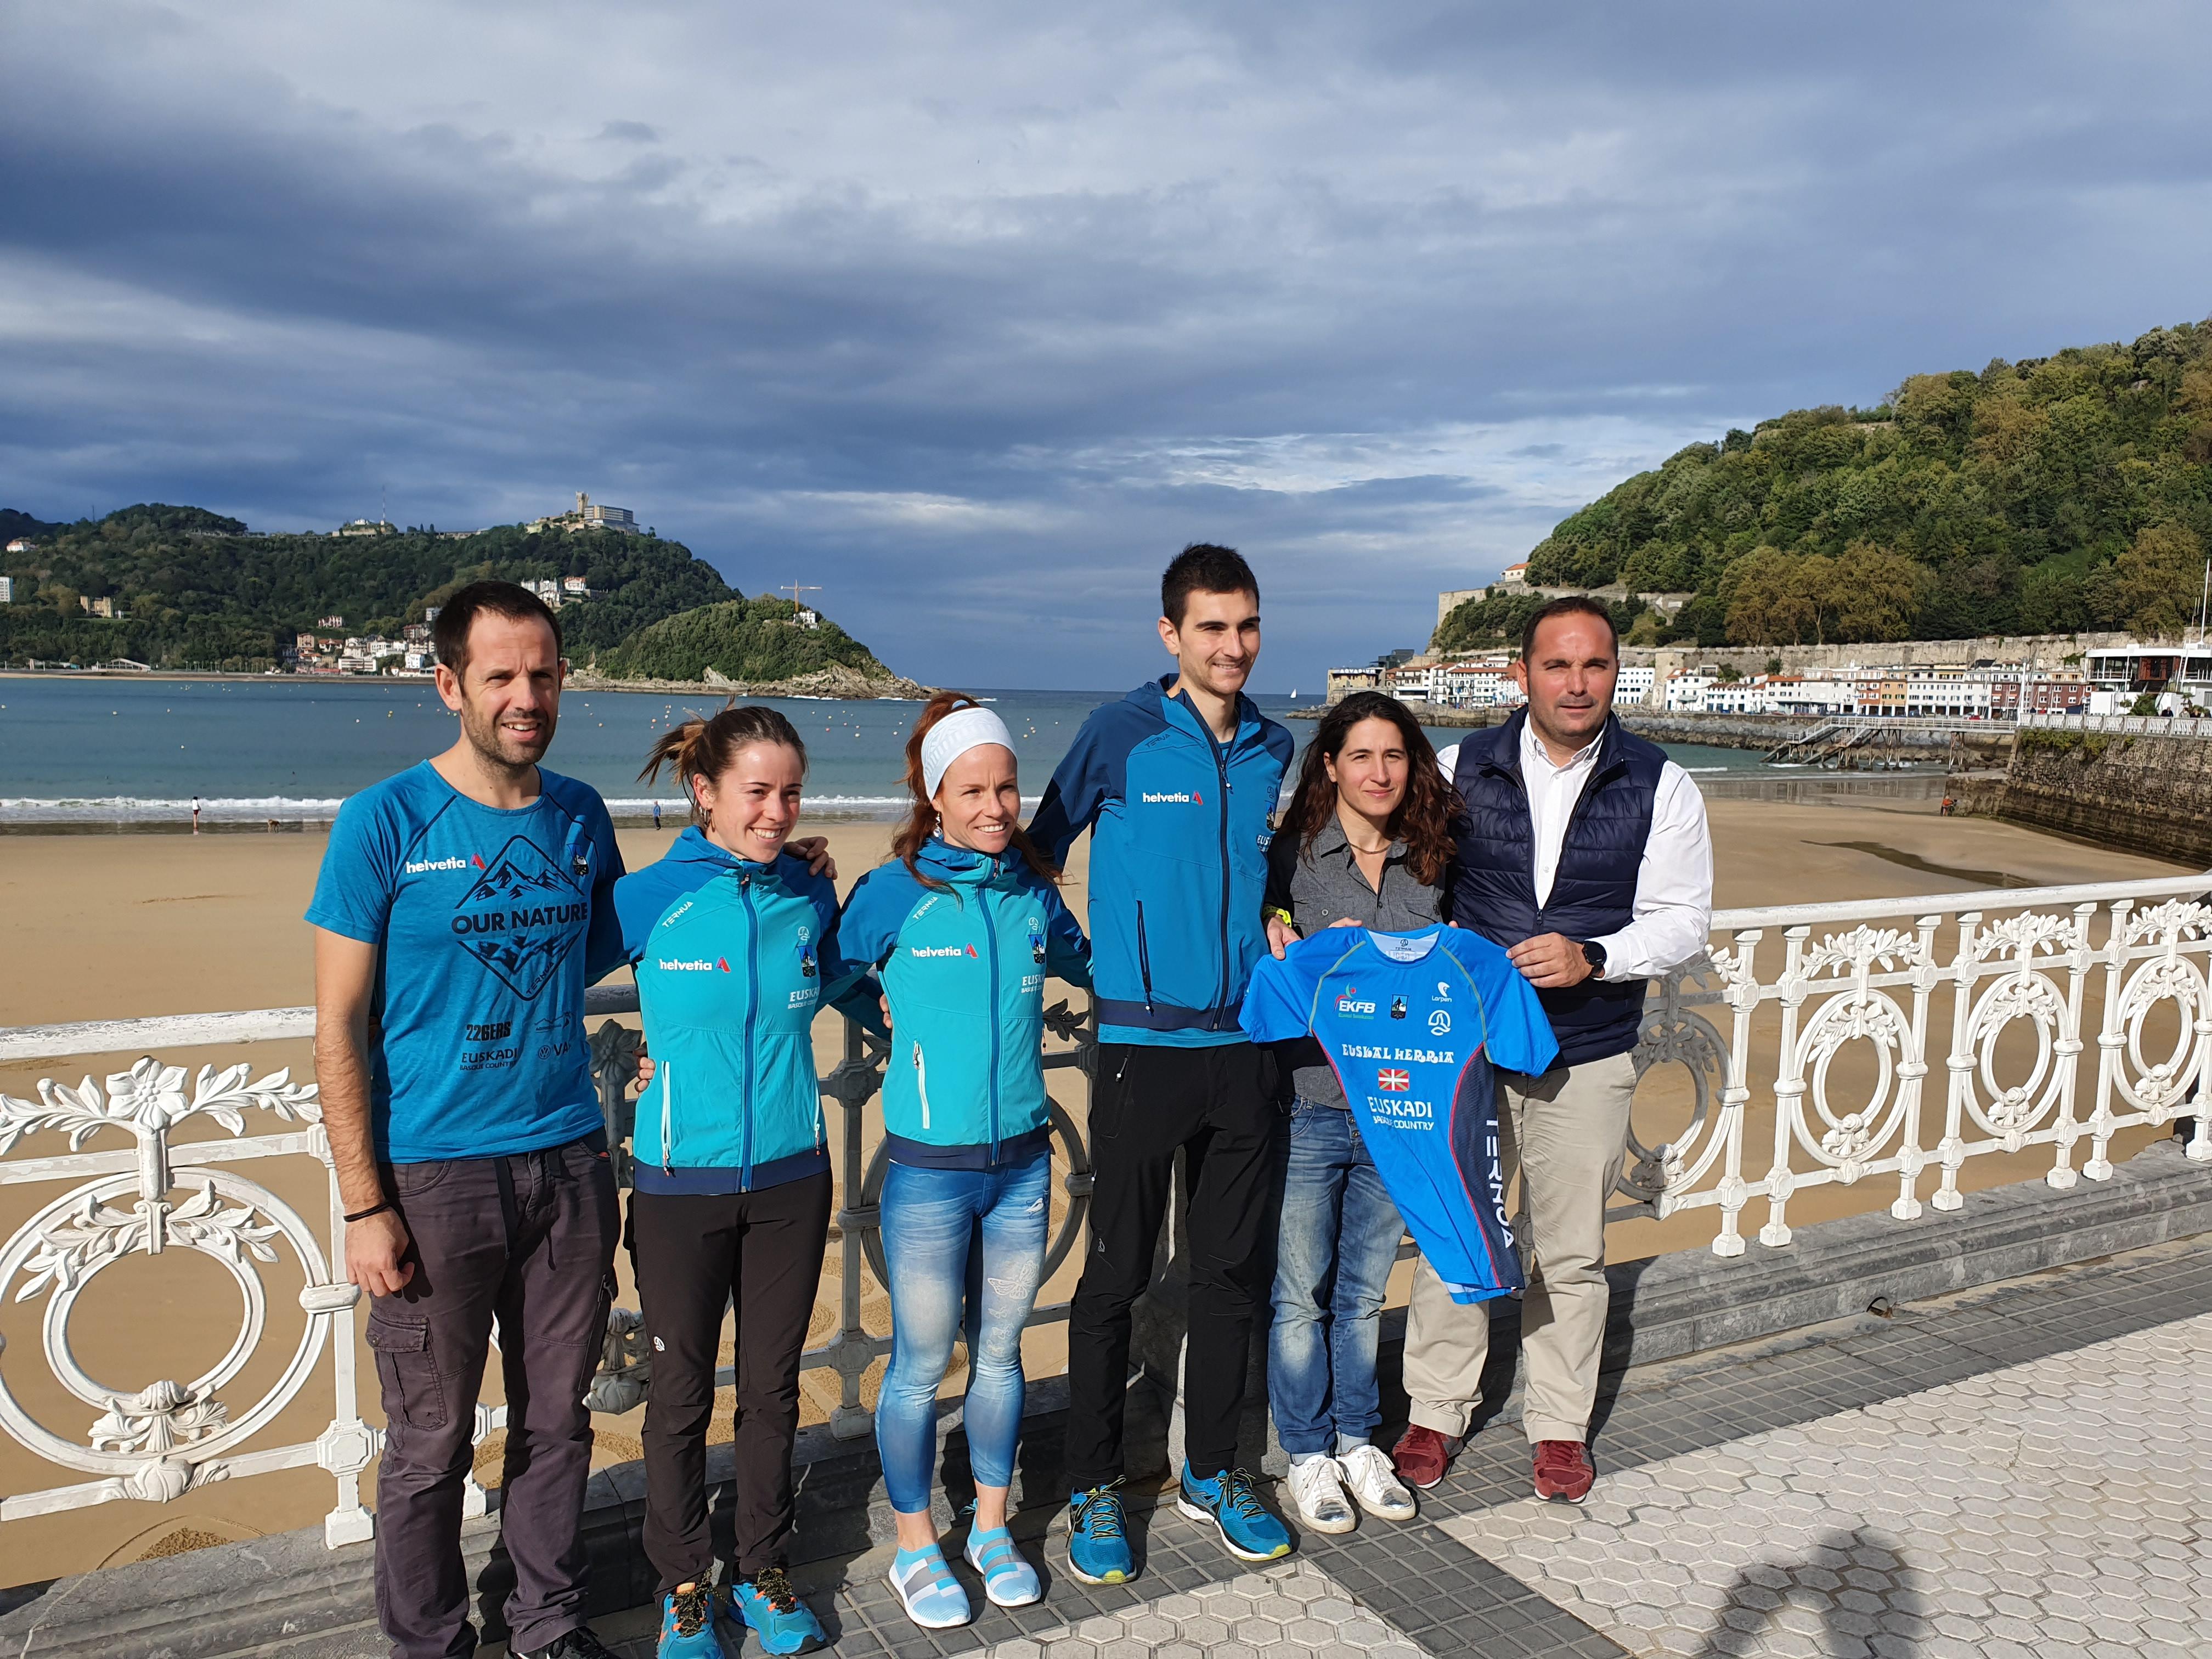 La Euskal Selekzioa de carreras de montaña tendrá cinco corredores en la final de la Copa del Mundo, gracias a su acuerdo con el Gobierno Vasco